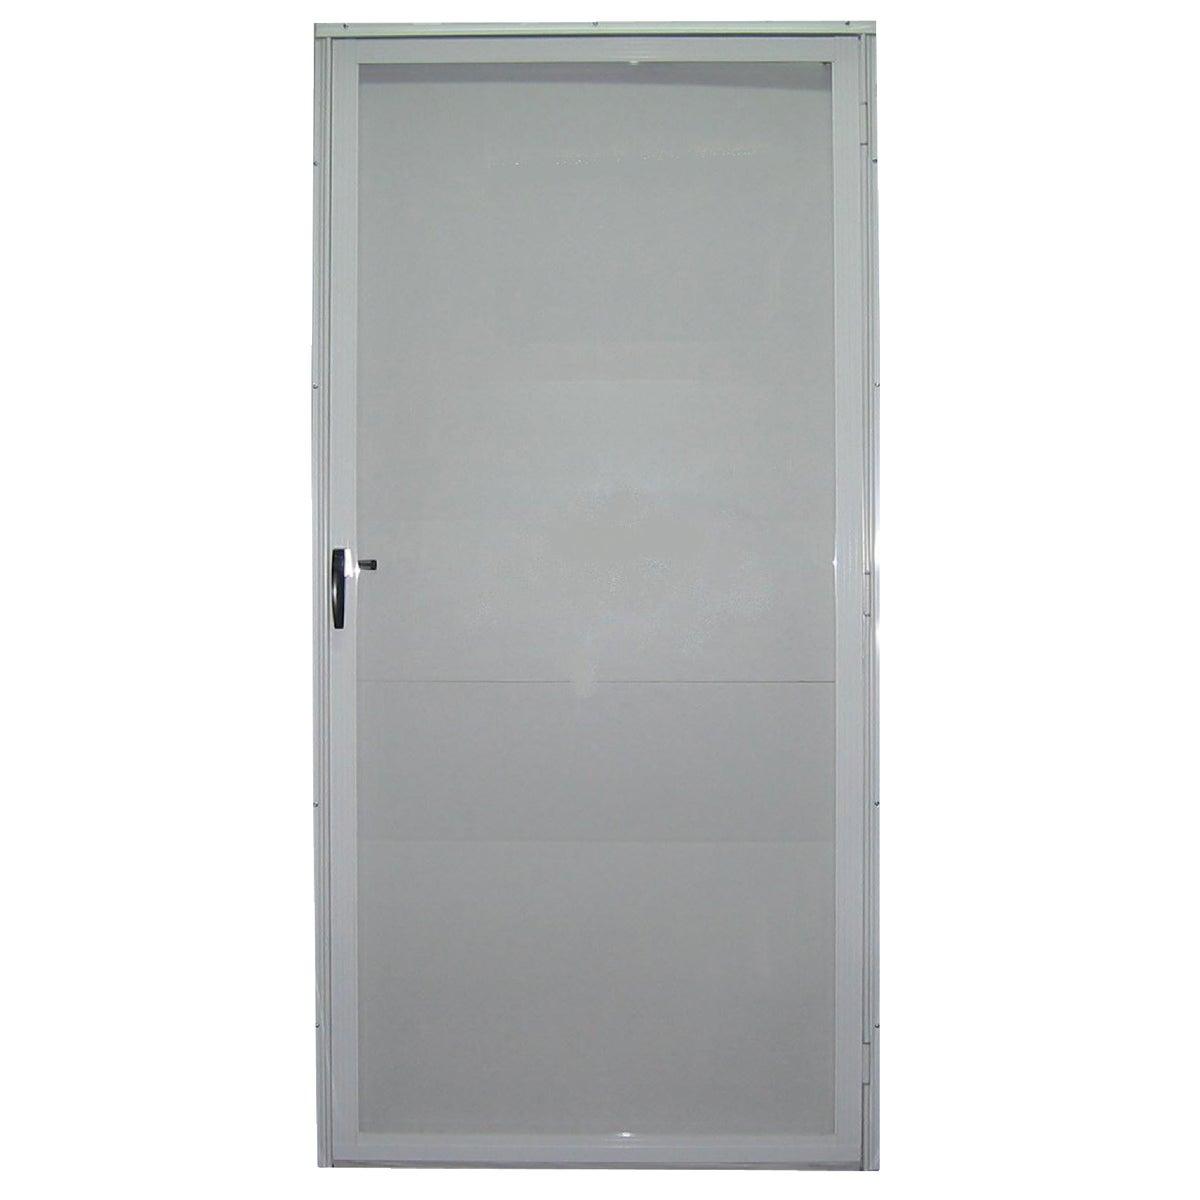 265 3068 RH WHT DOOR